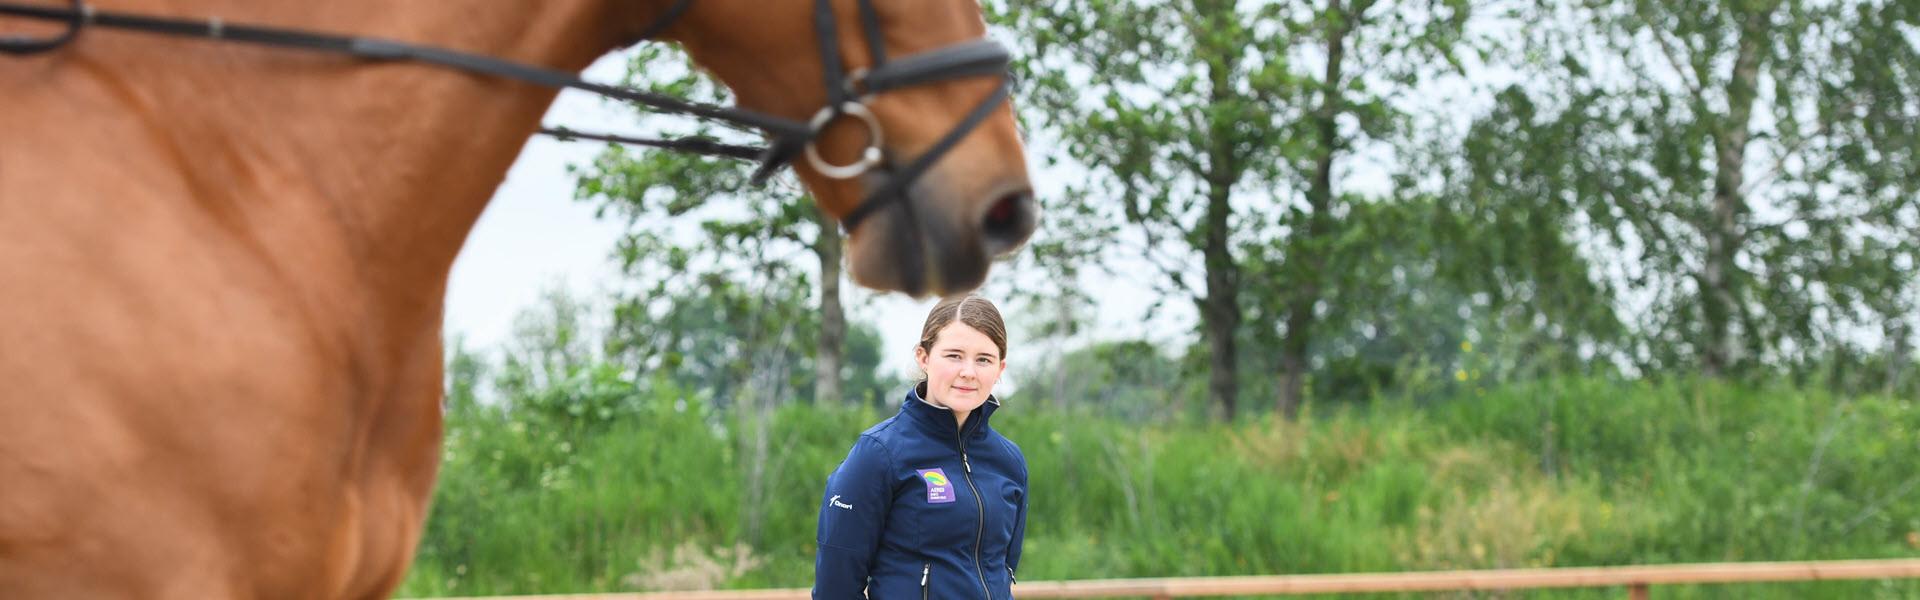 instructeur met paard